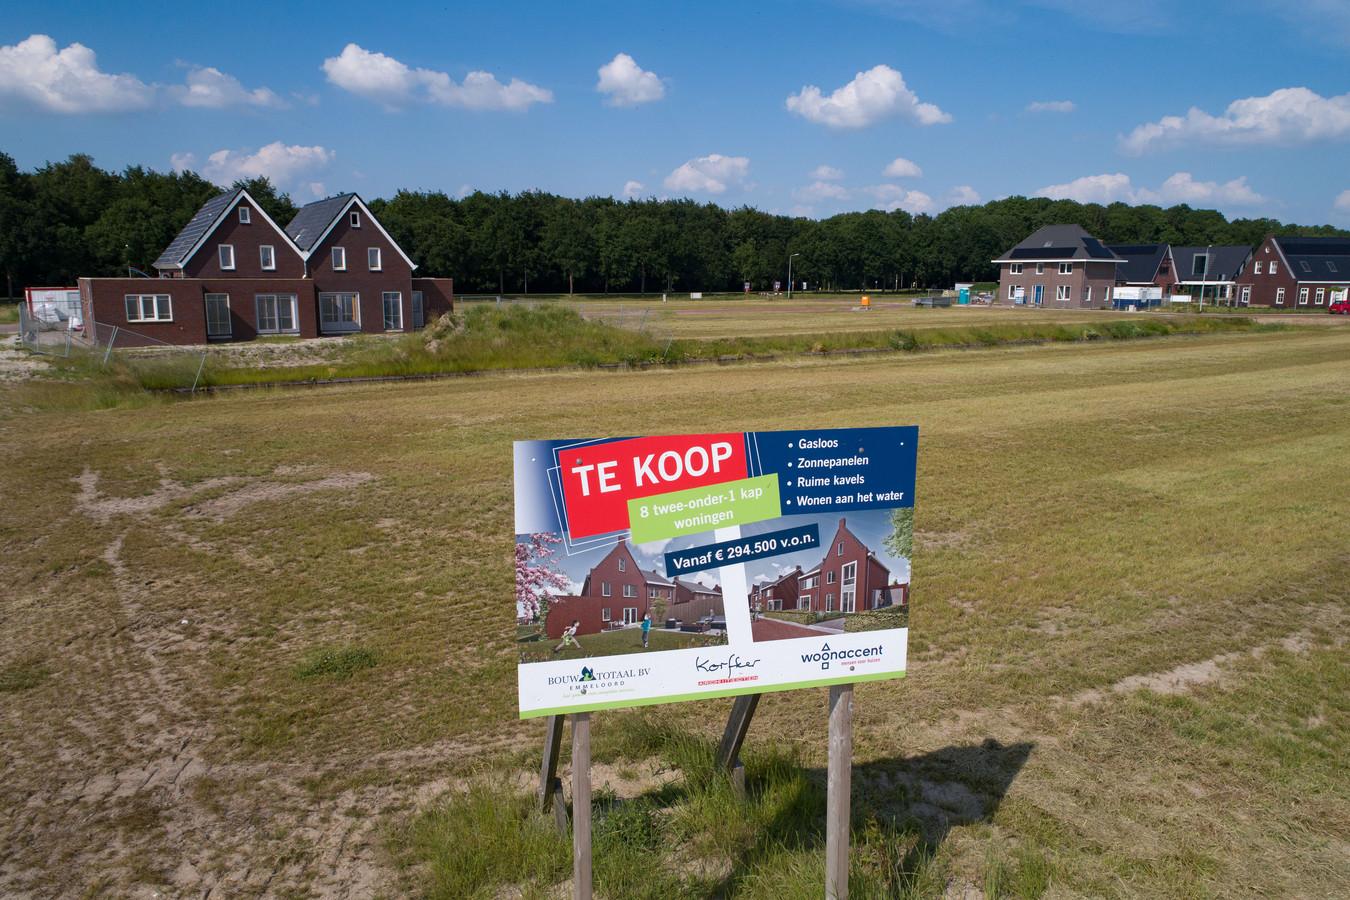 De verkoop van kavels in Marknesse is 'on hold' gezet door onduidelijkheid over het eigendomsrecht van de kavels.